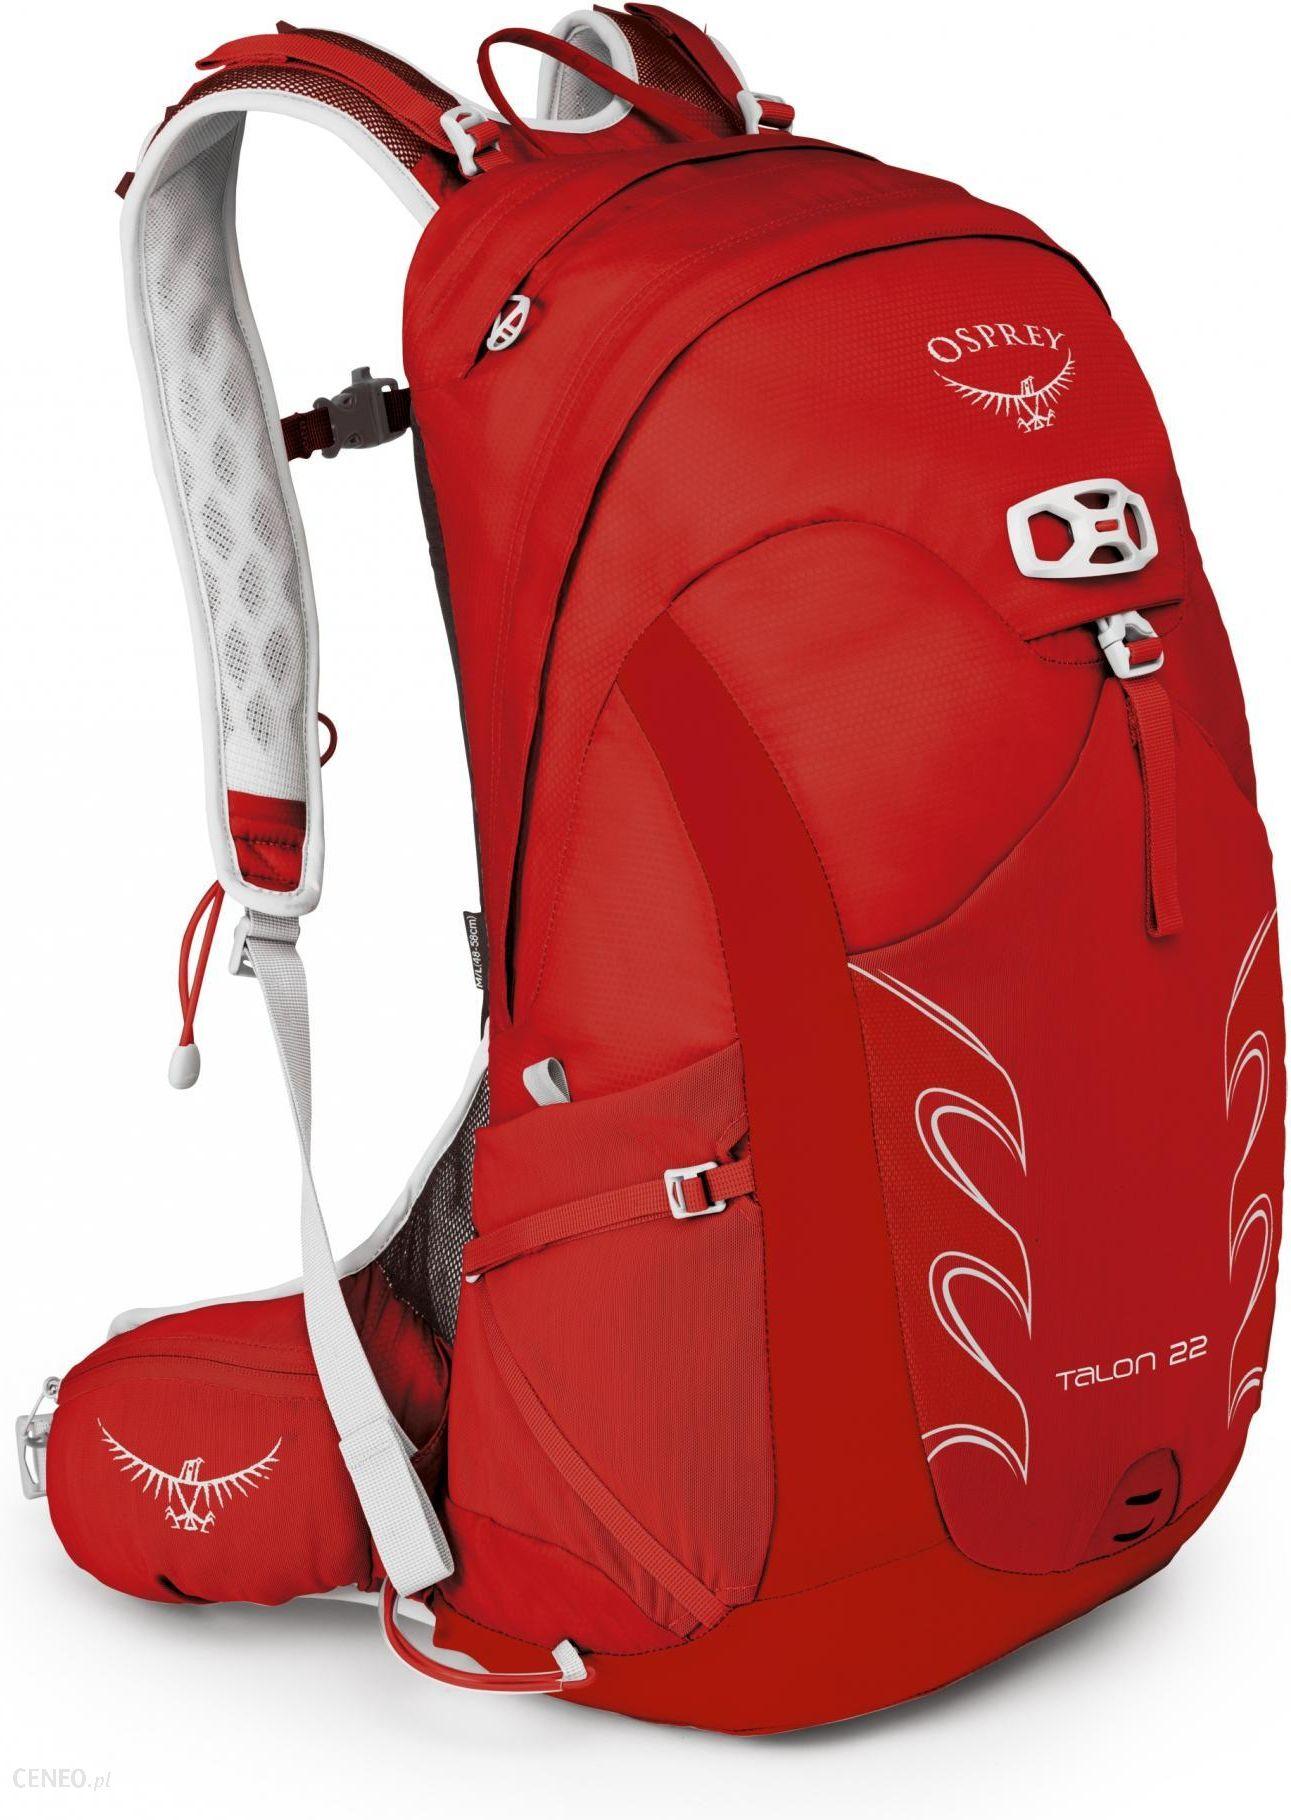 Plecak Osprey Talon 22 Ii Martian Red Ceny i opinie Ceneo.pl